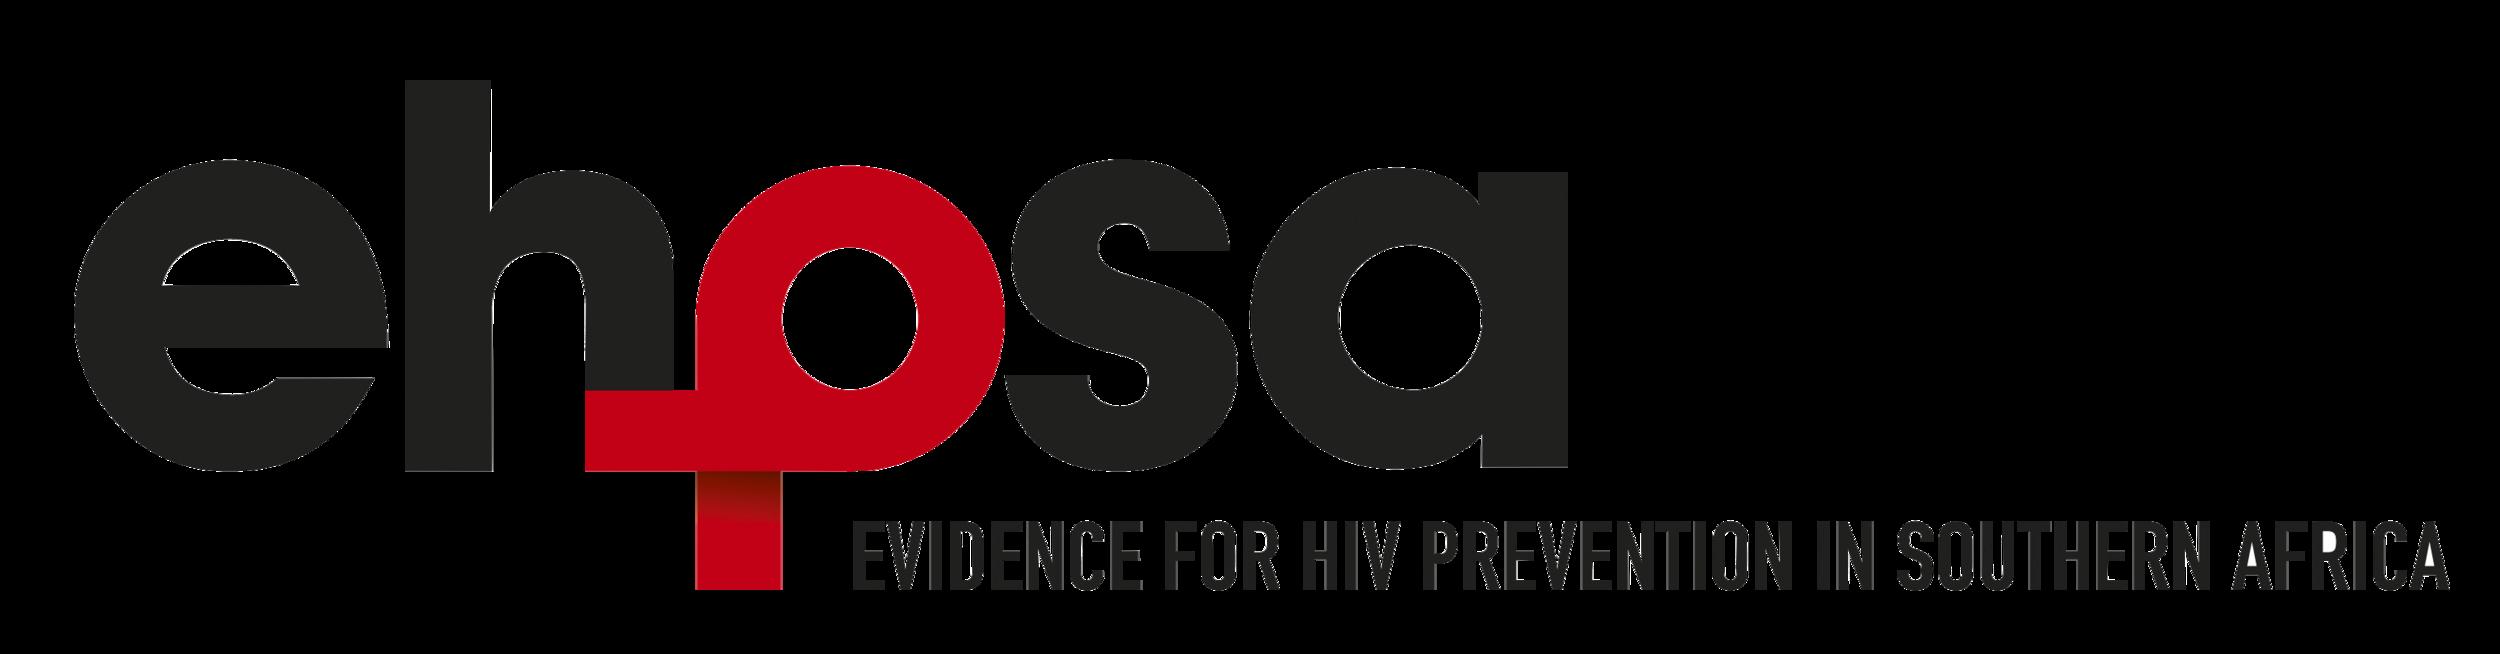 EHPSA_logo.png